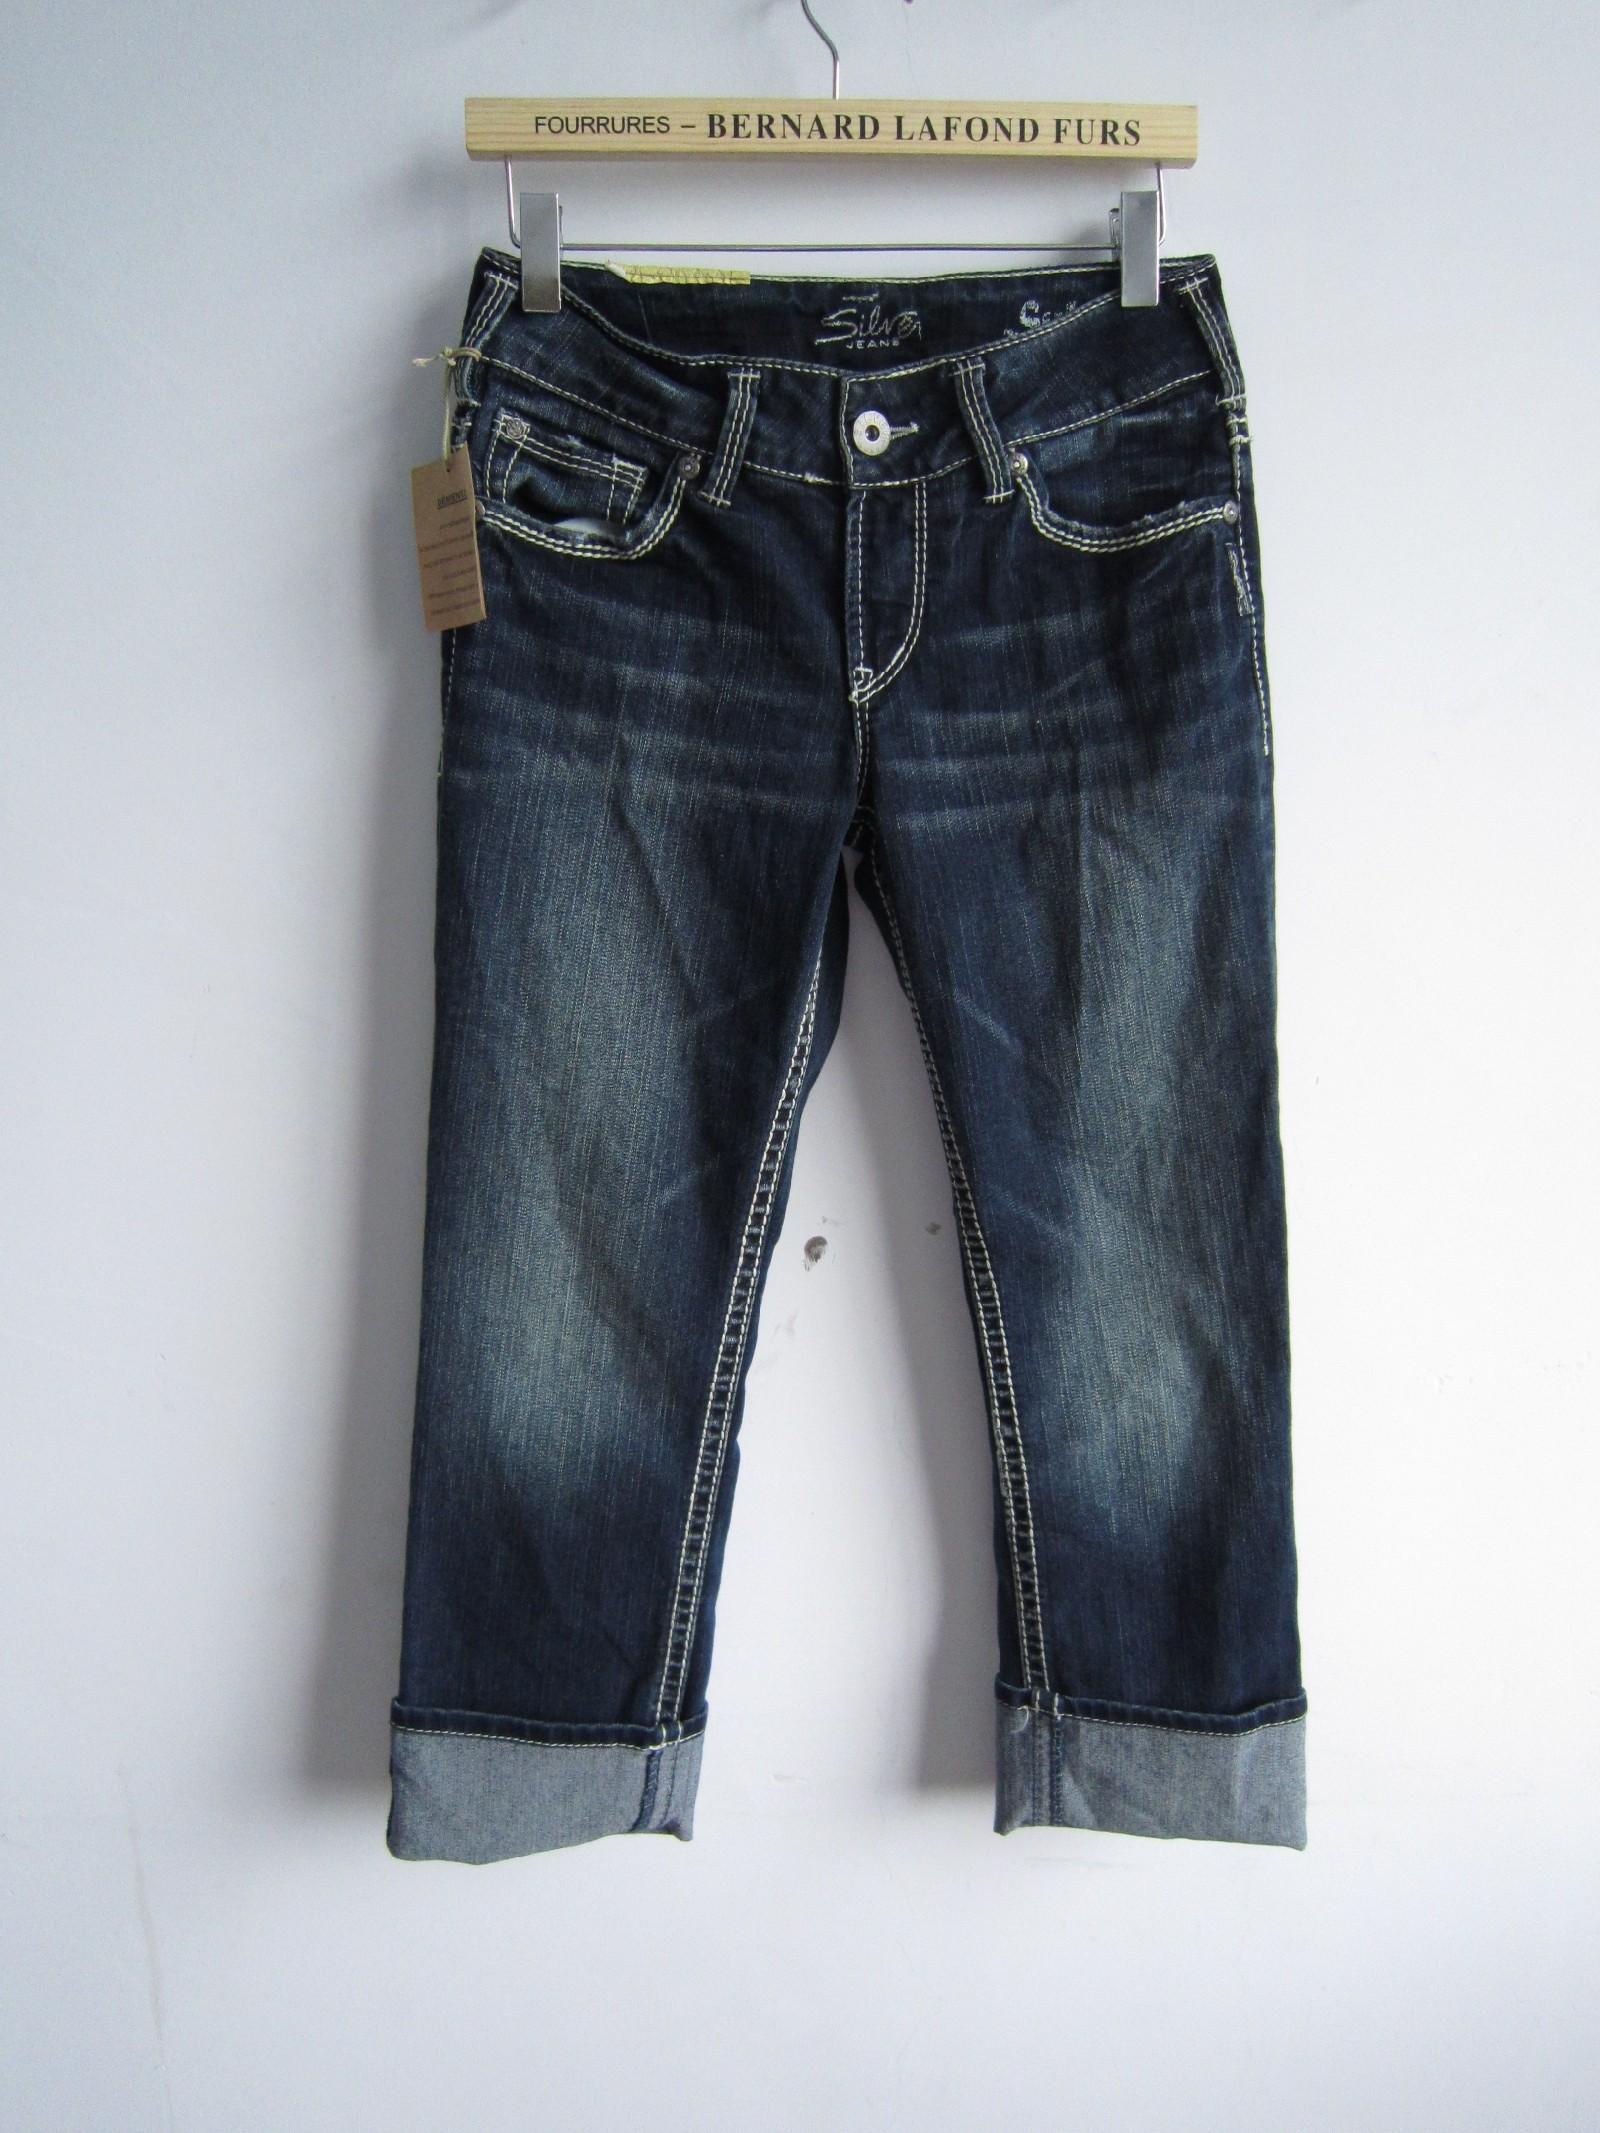 silver jeans suki capri - Jean Yu Beauty